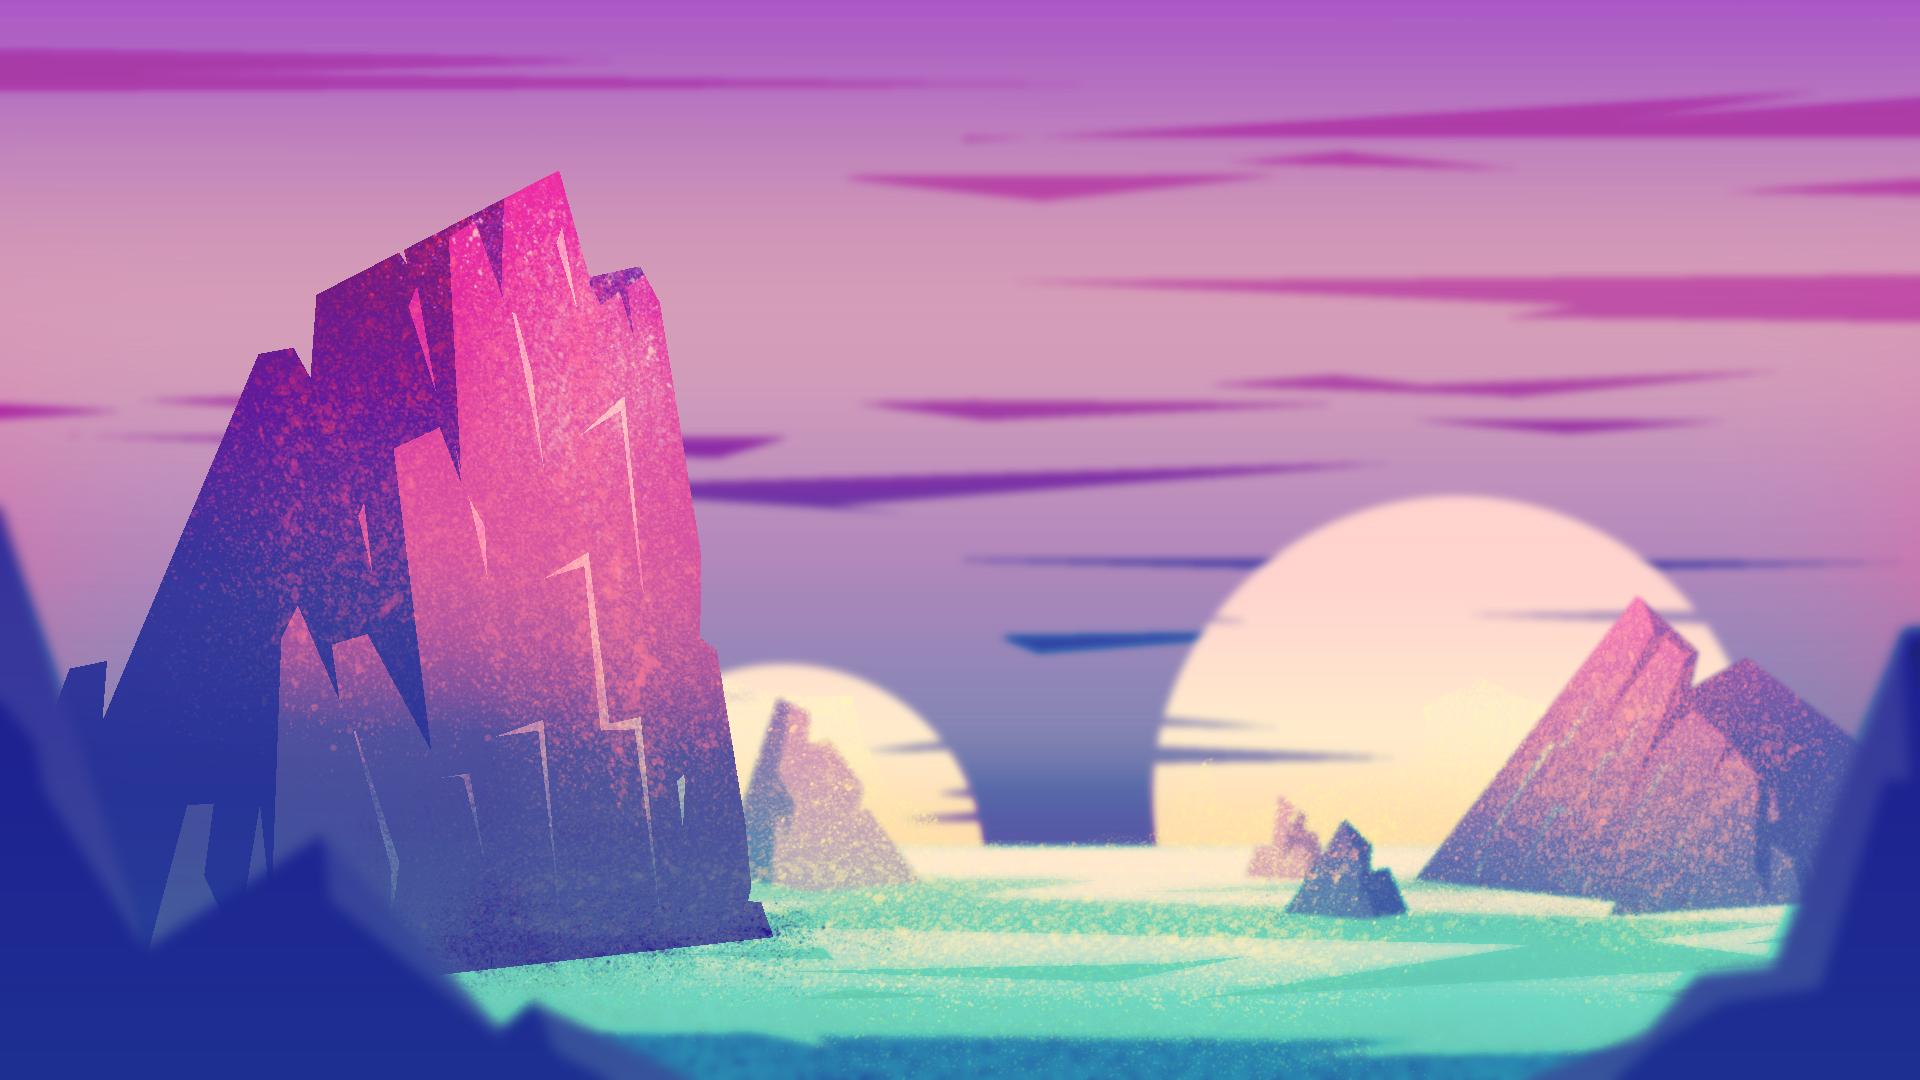 desertworld_03 2.jpg